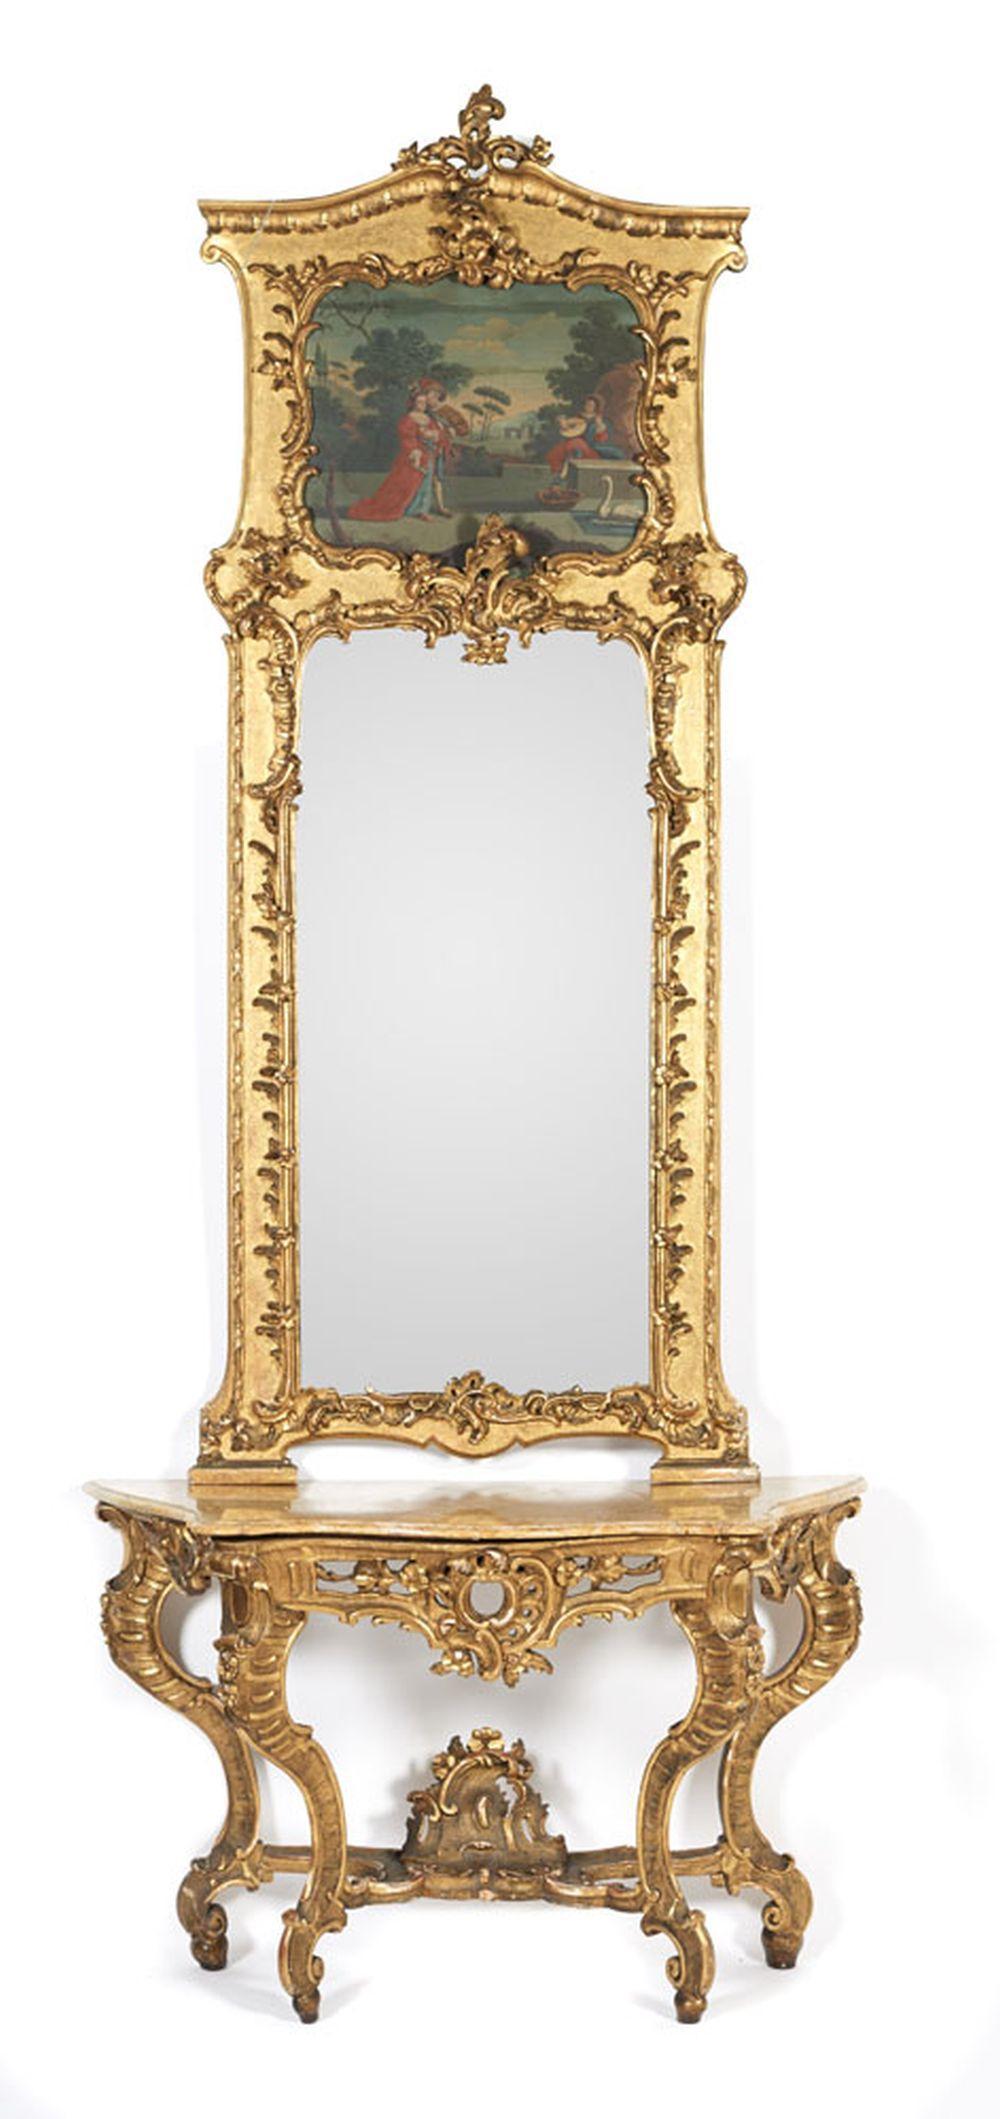 Consola e espelho D. José em madeira entalhada